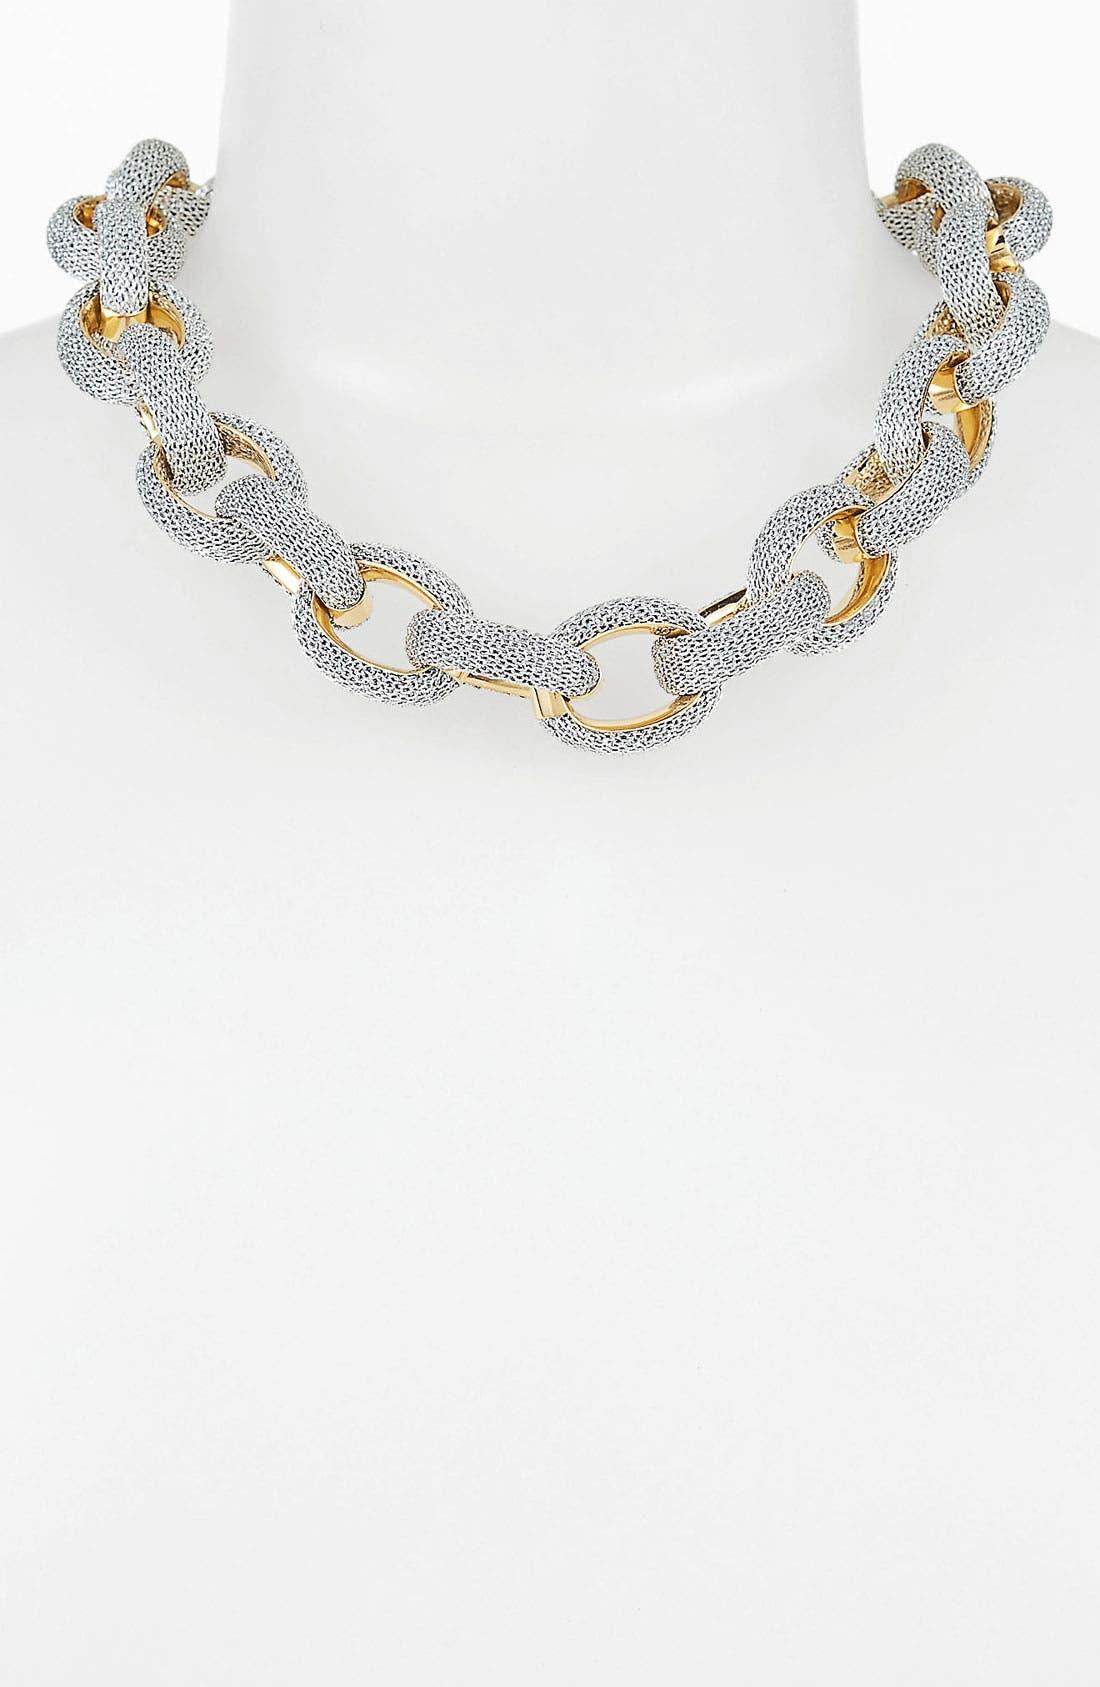 Main Image - Adami & Martucci 'Mesh' Link Collar Necklace (Nordstrom Exclusive)